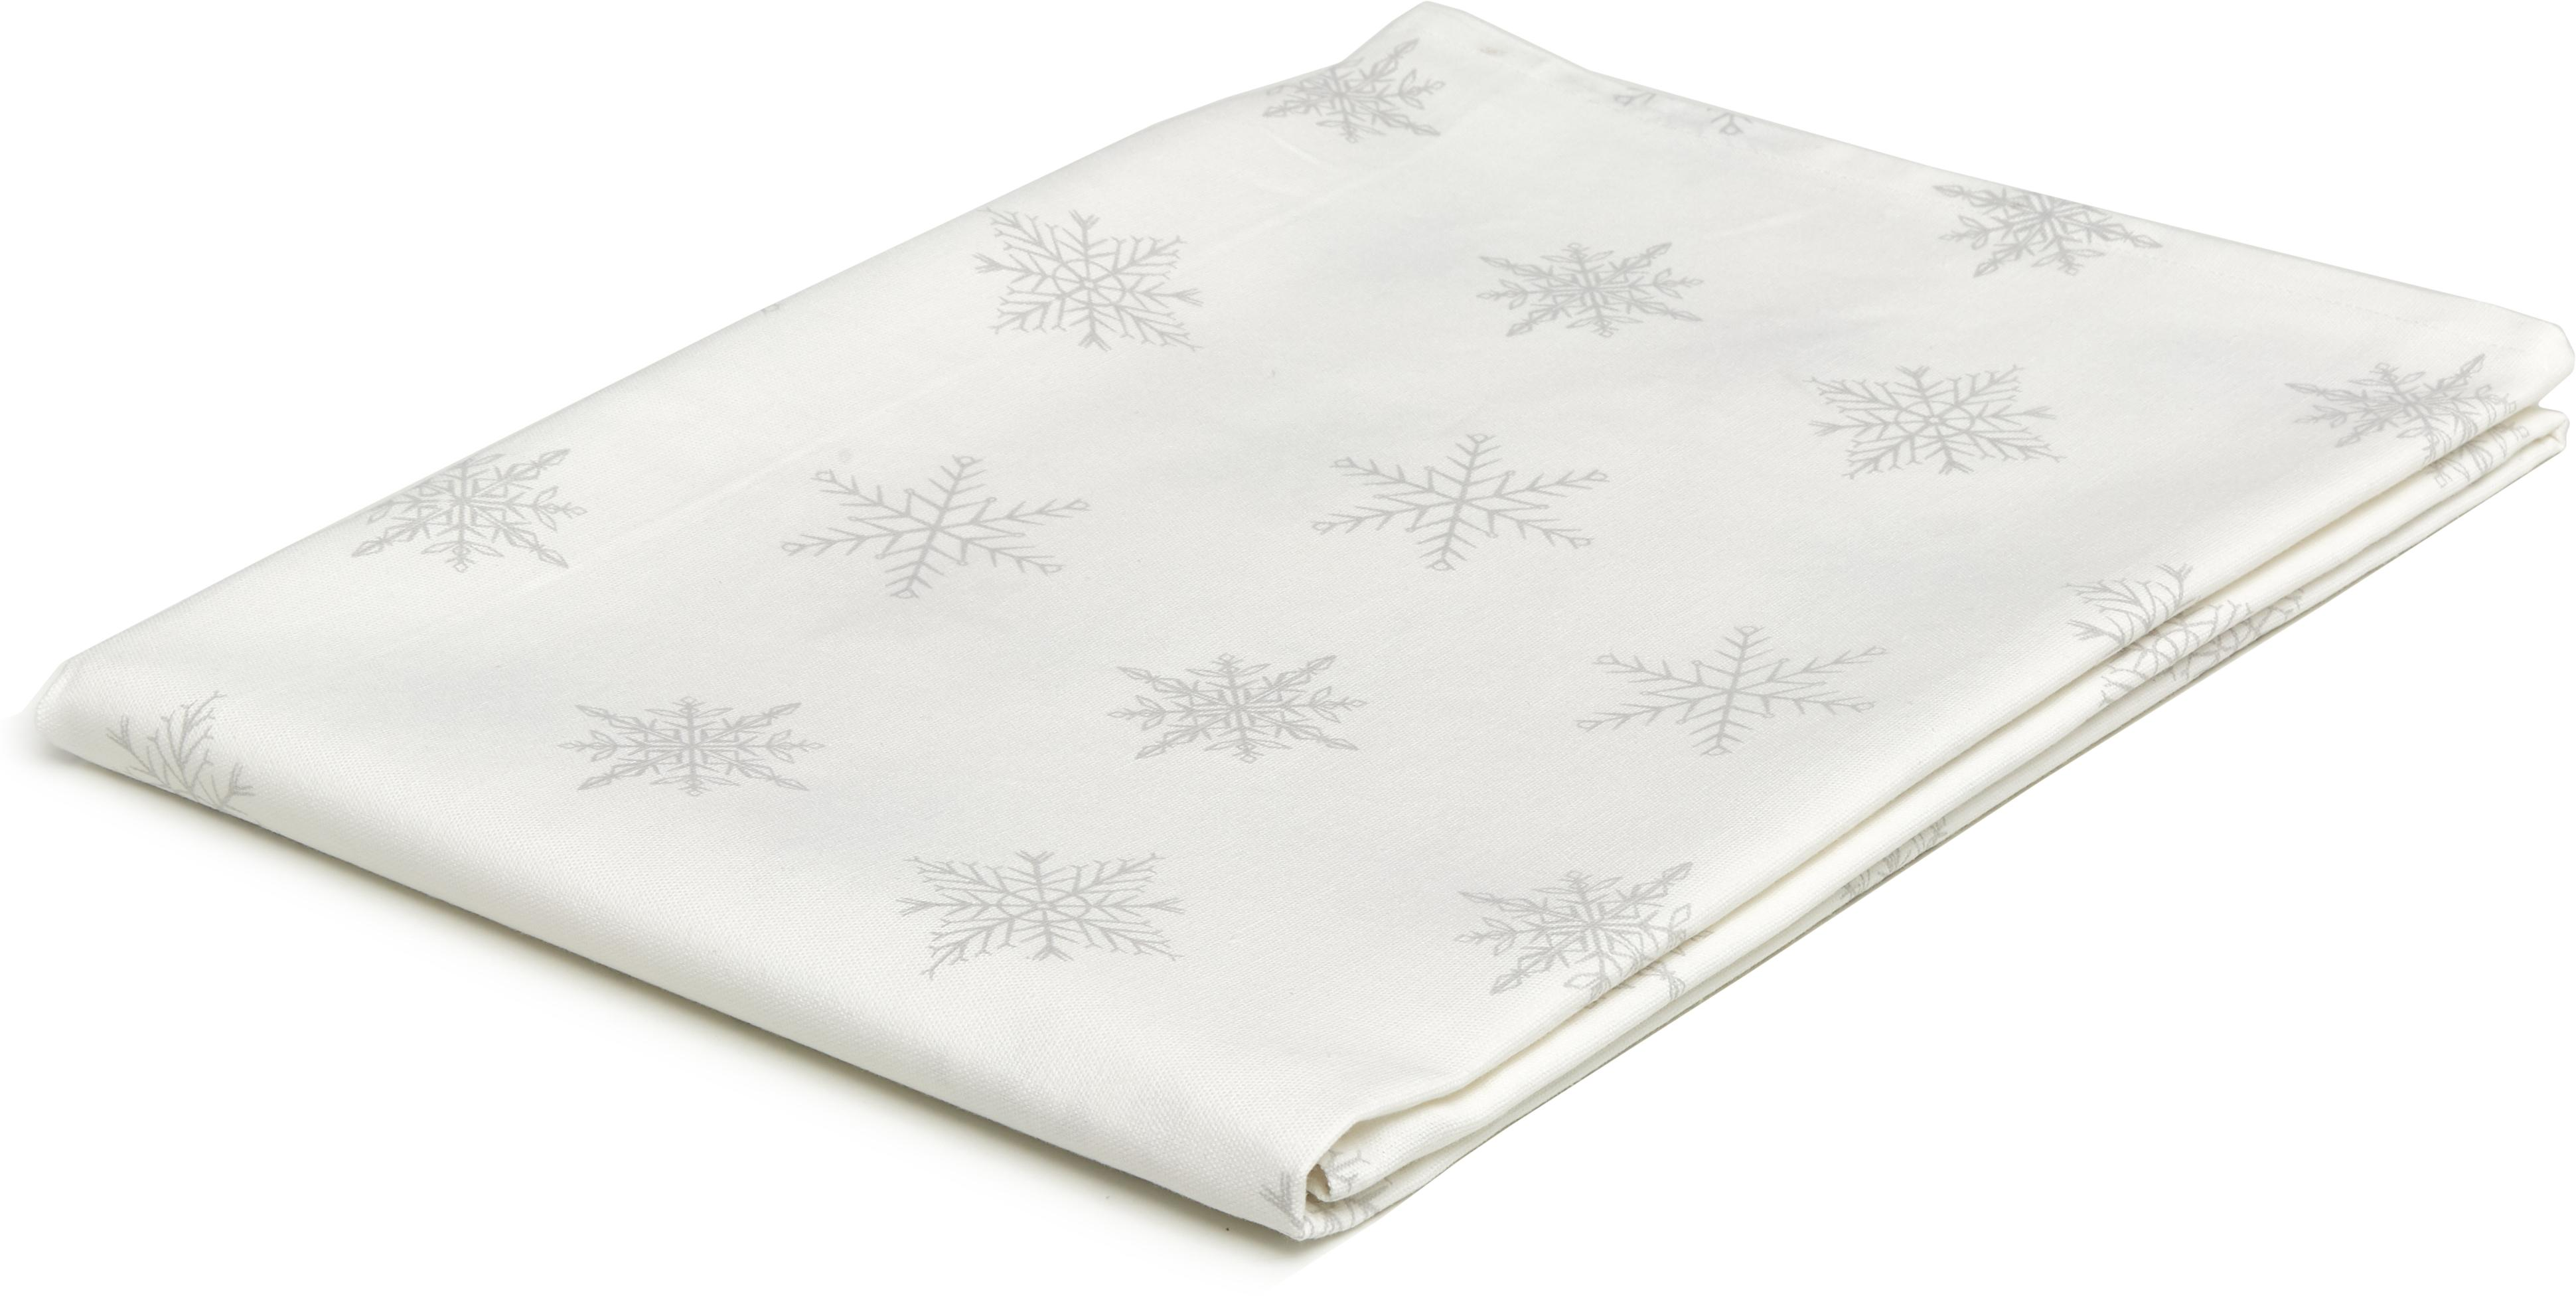 Mantel Snow, 100%algodón de cultivos sostenible de algodón, Blanco, crema, An 145 x L 200 cm